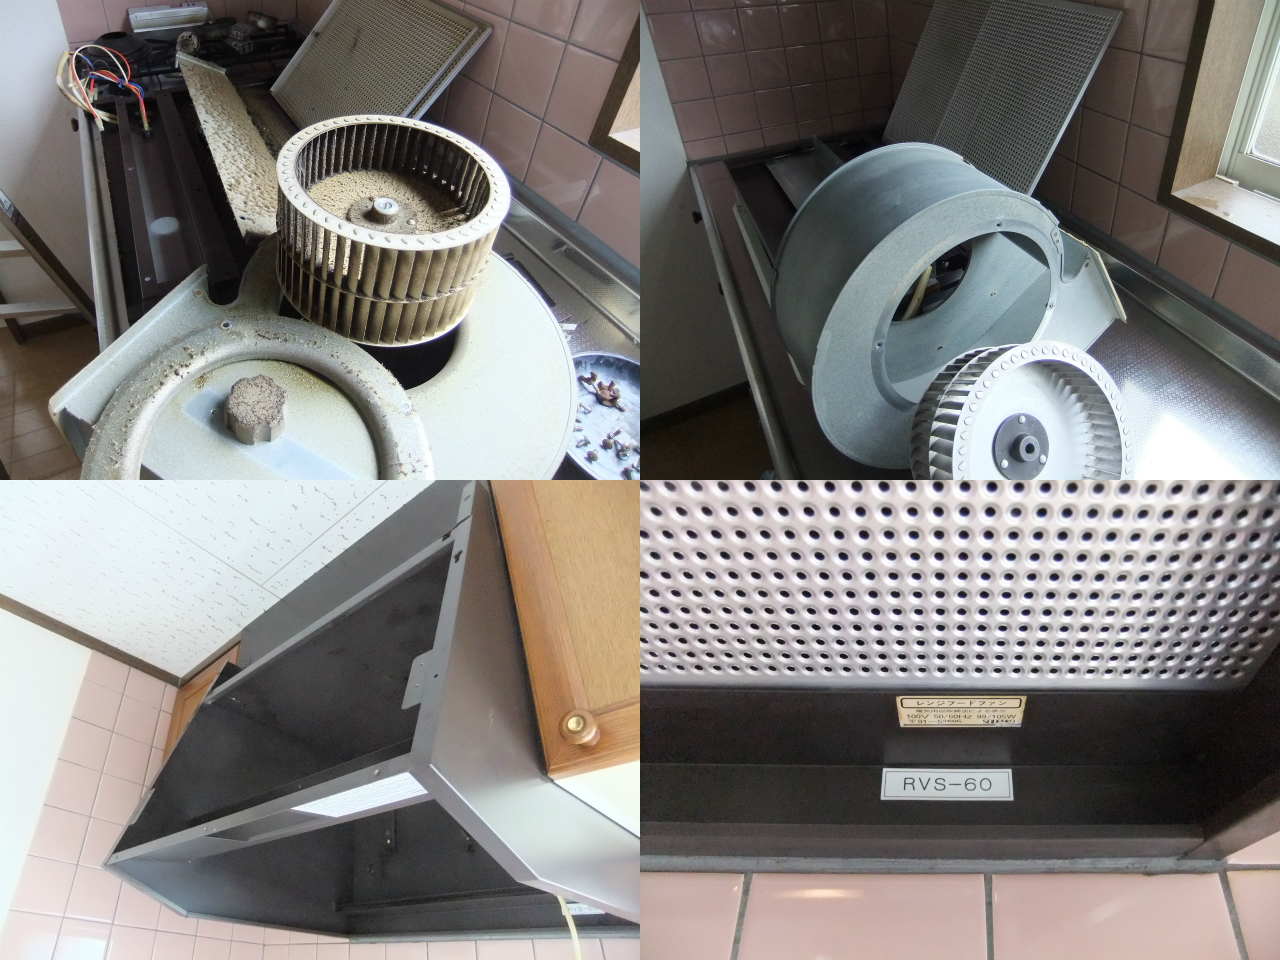 http://ajras.net/images/120611-hood.jpg